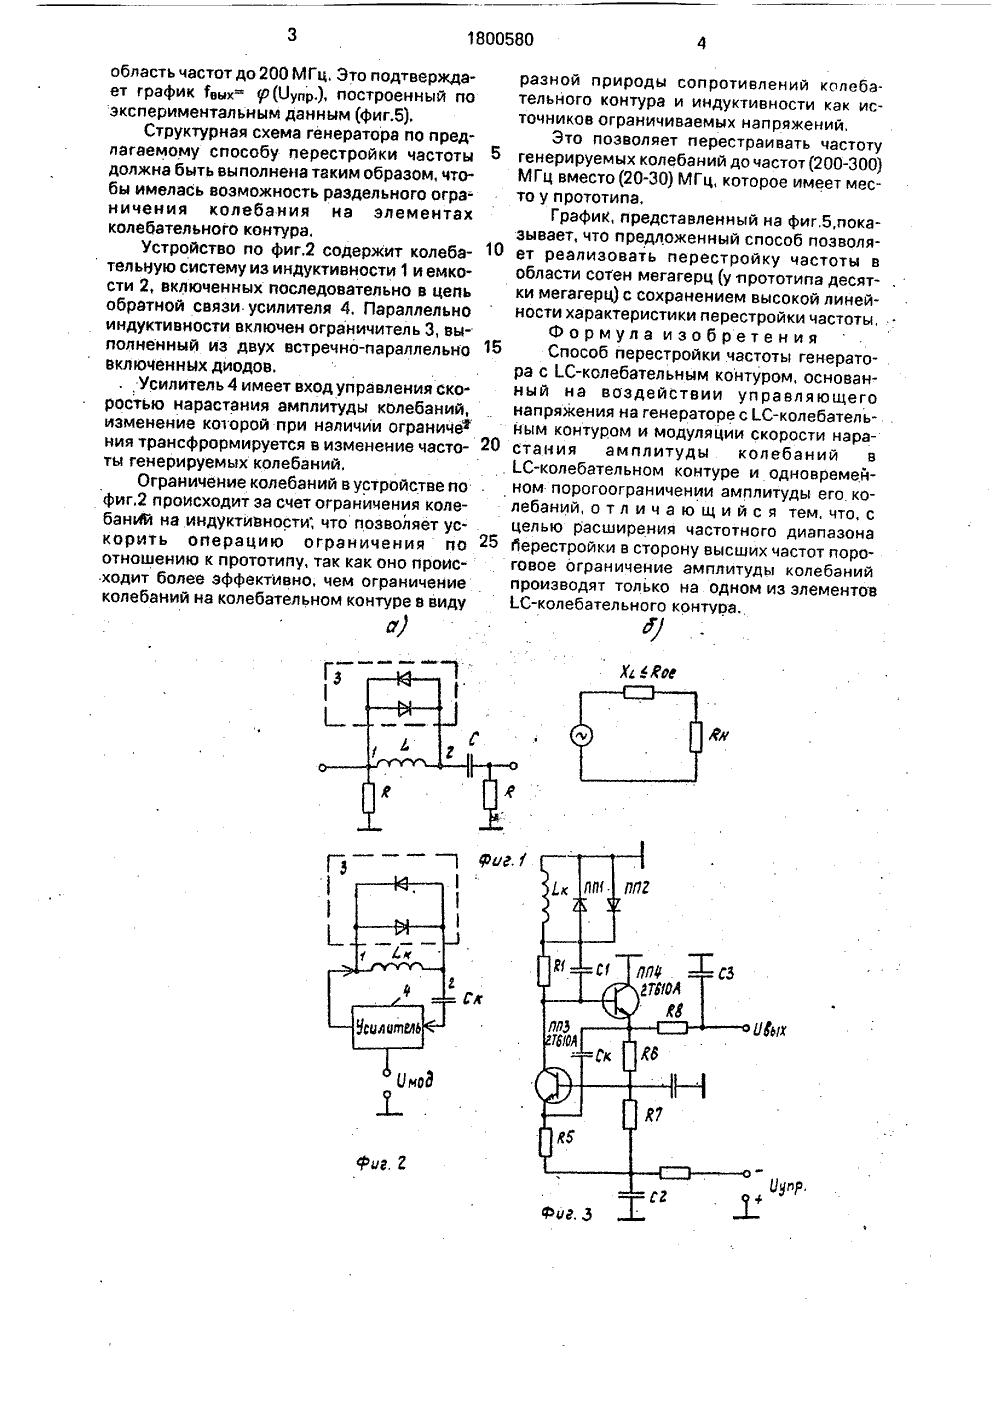 структурная схема lc генератора